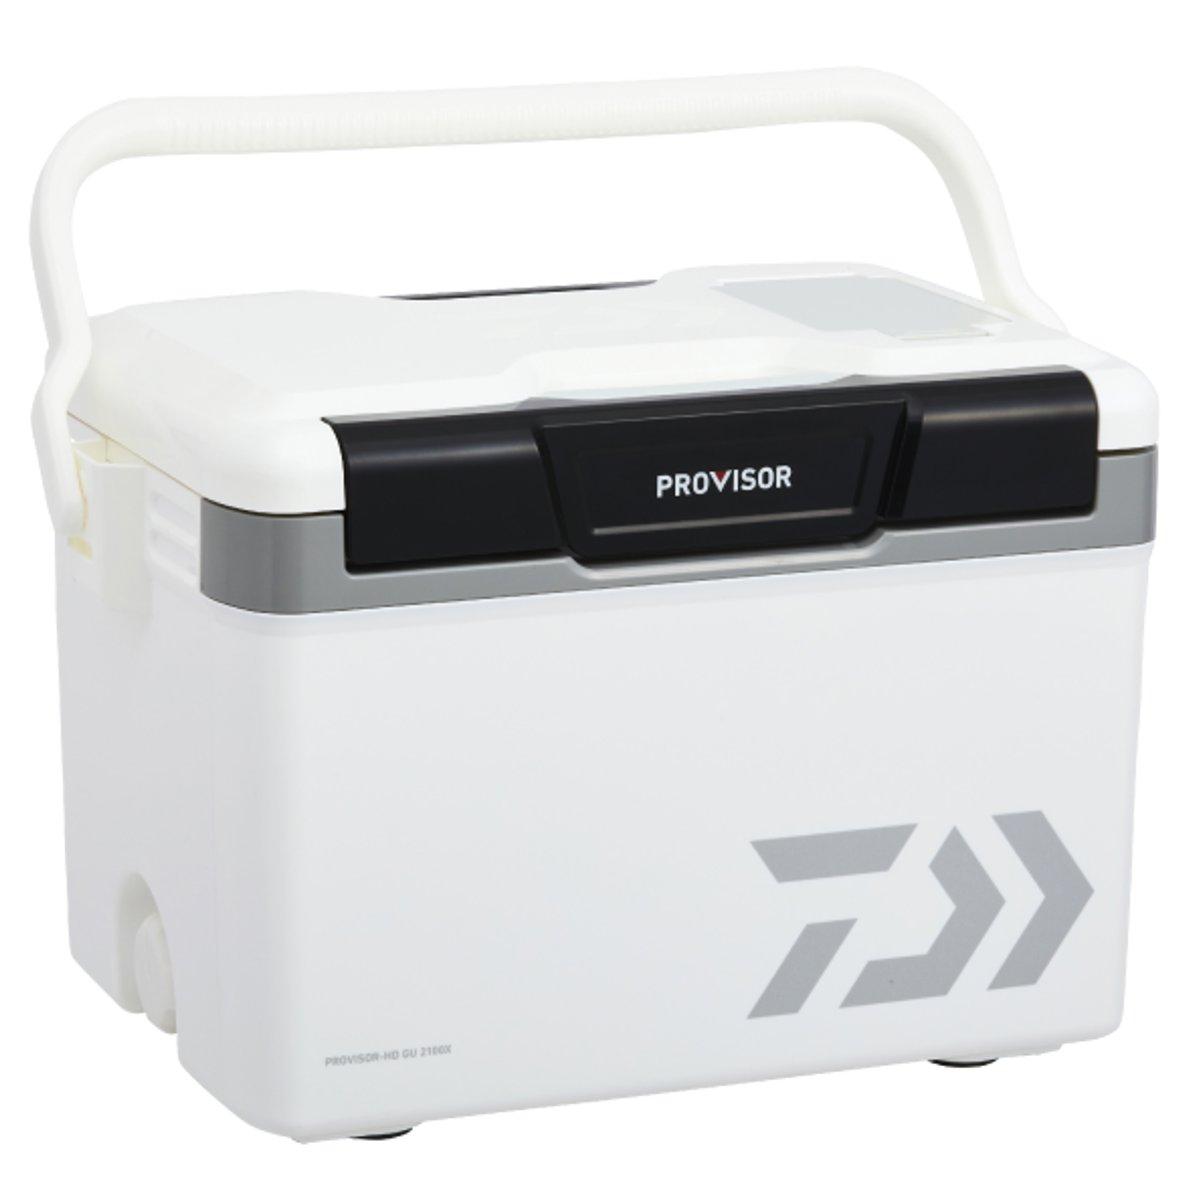 ダイワ プロバイザー HD GU 2100X ブラック クーラーボックス